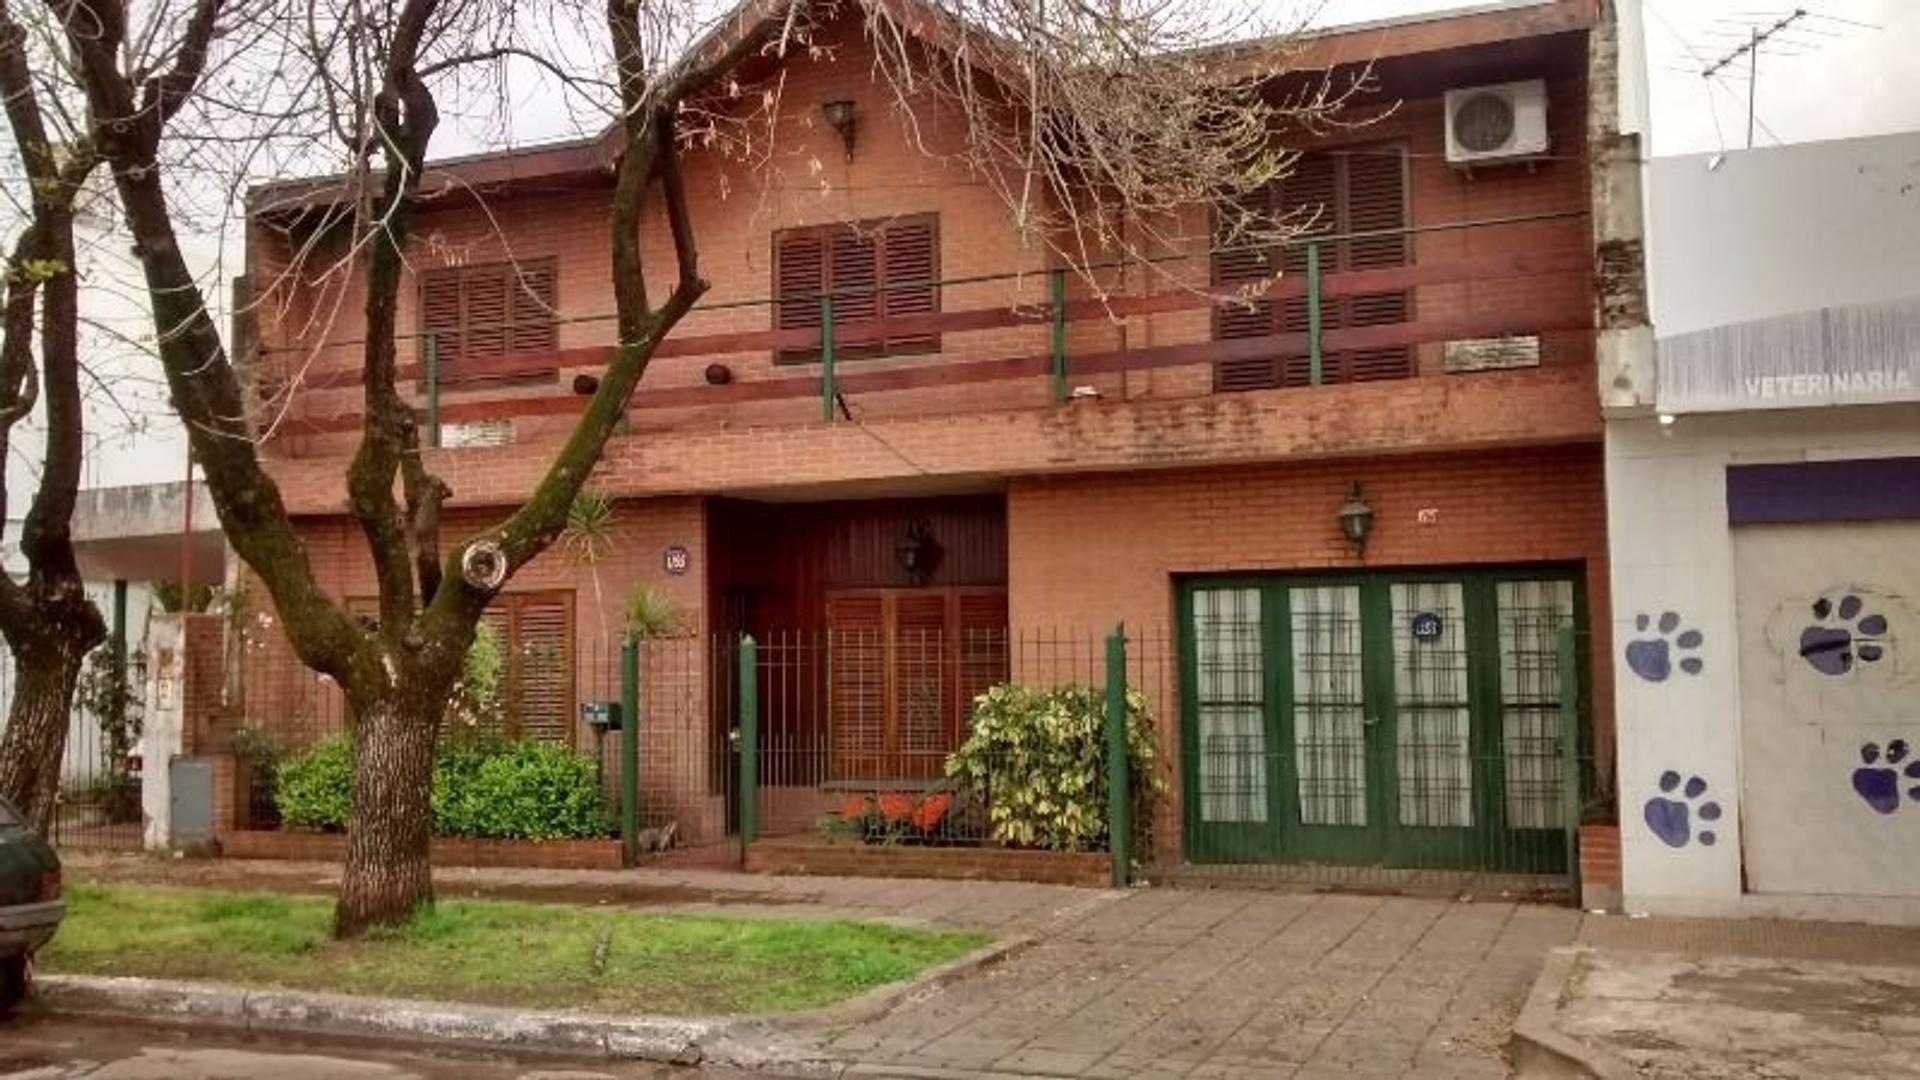 Chalet 4 dormitorios c/Garage, Pileta y Terraza. Apta Crédito. Merlo, GBA